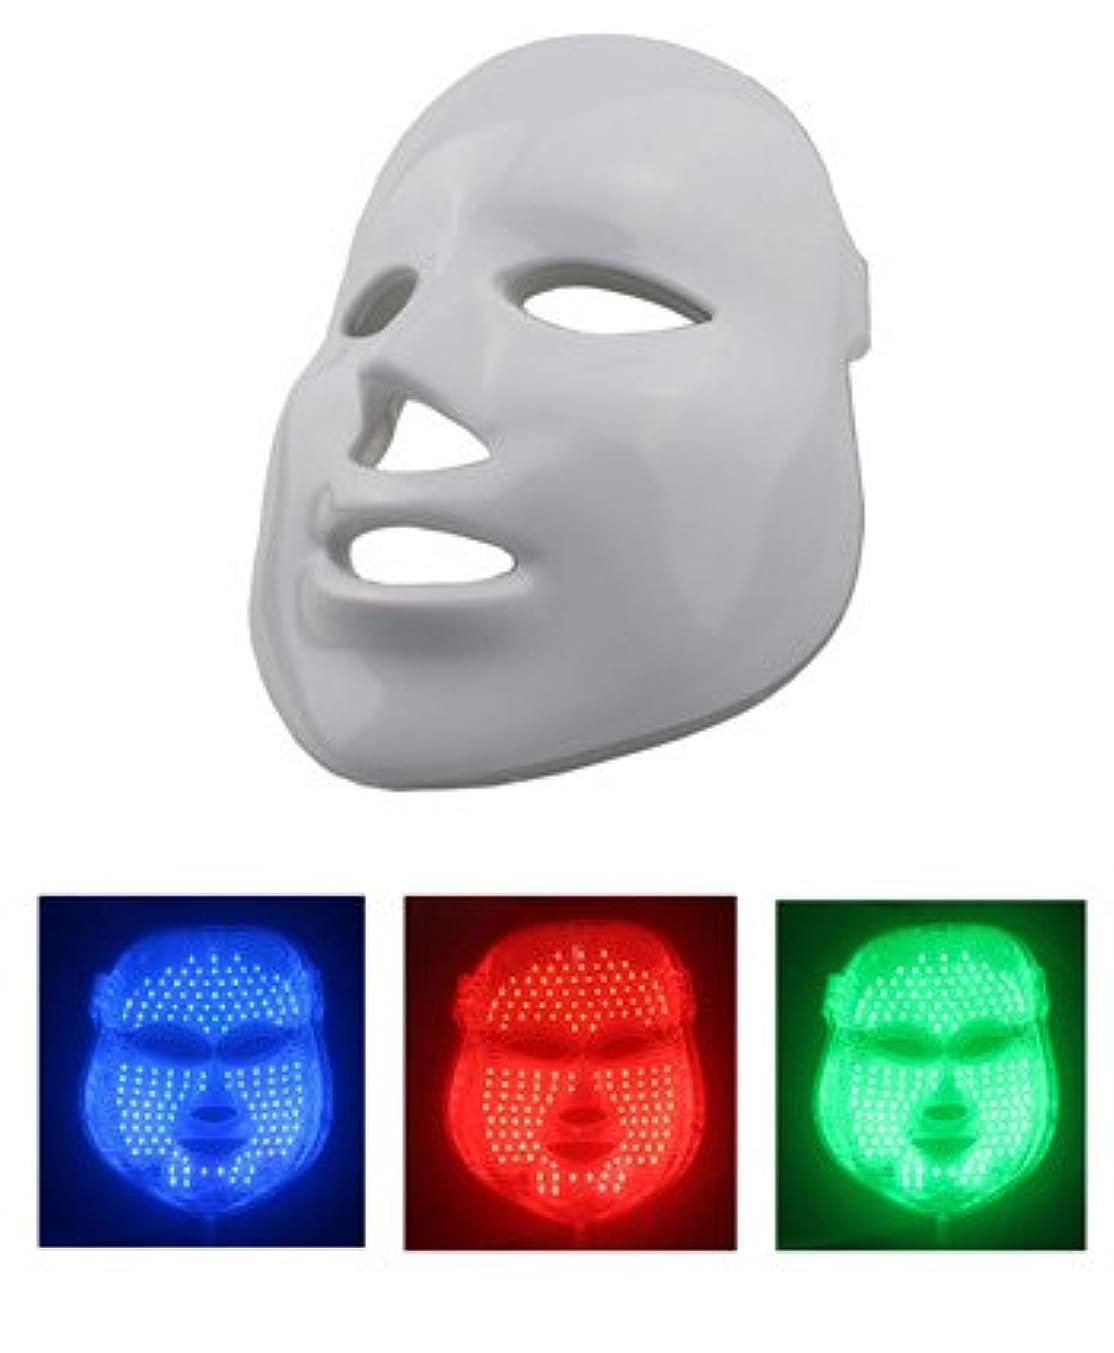 従来の自分を引き上げるボイラー美顔 LEDマスク LED美顔器 三色モデル